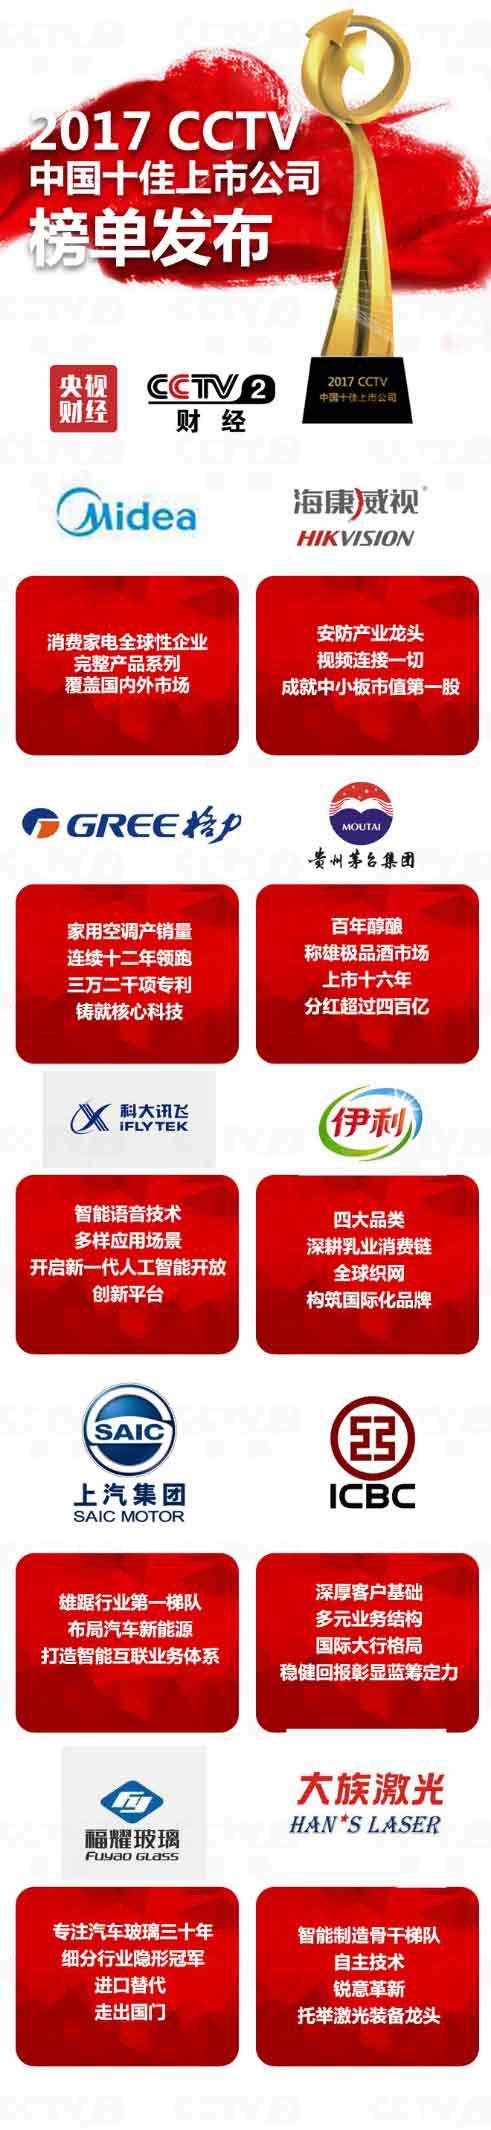 2017中国十佳上市公司榜单,今年有哪些公司上榜?